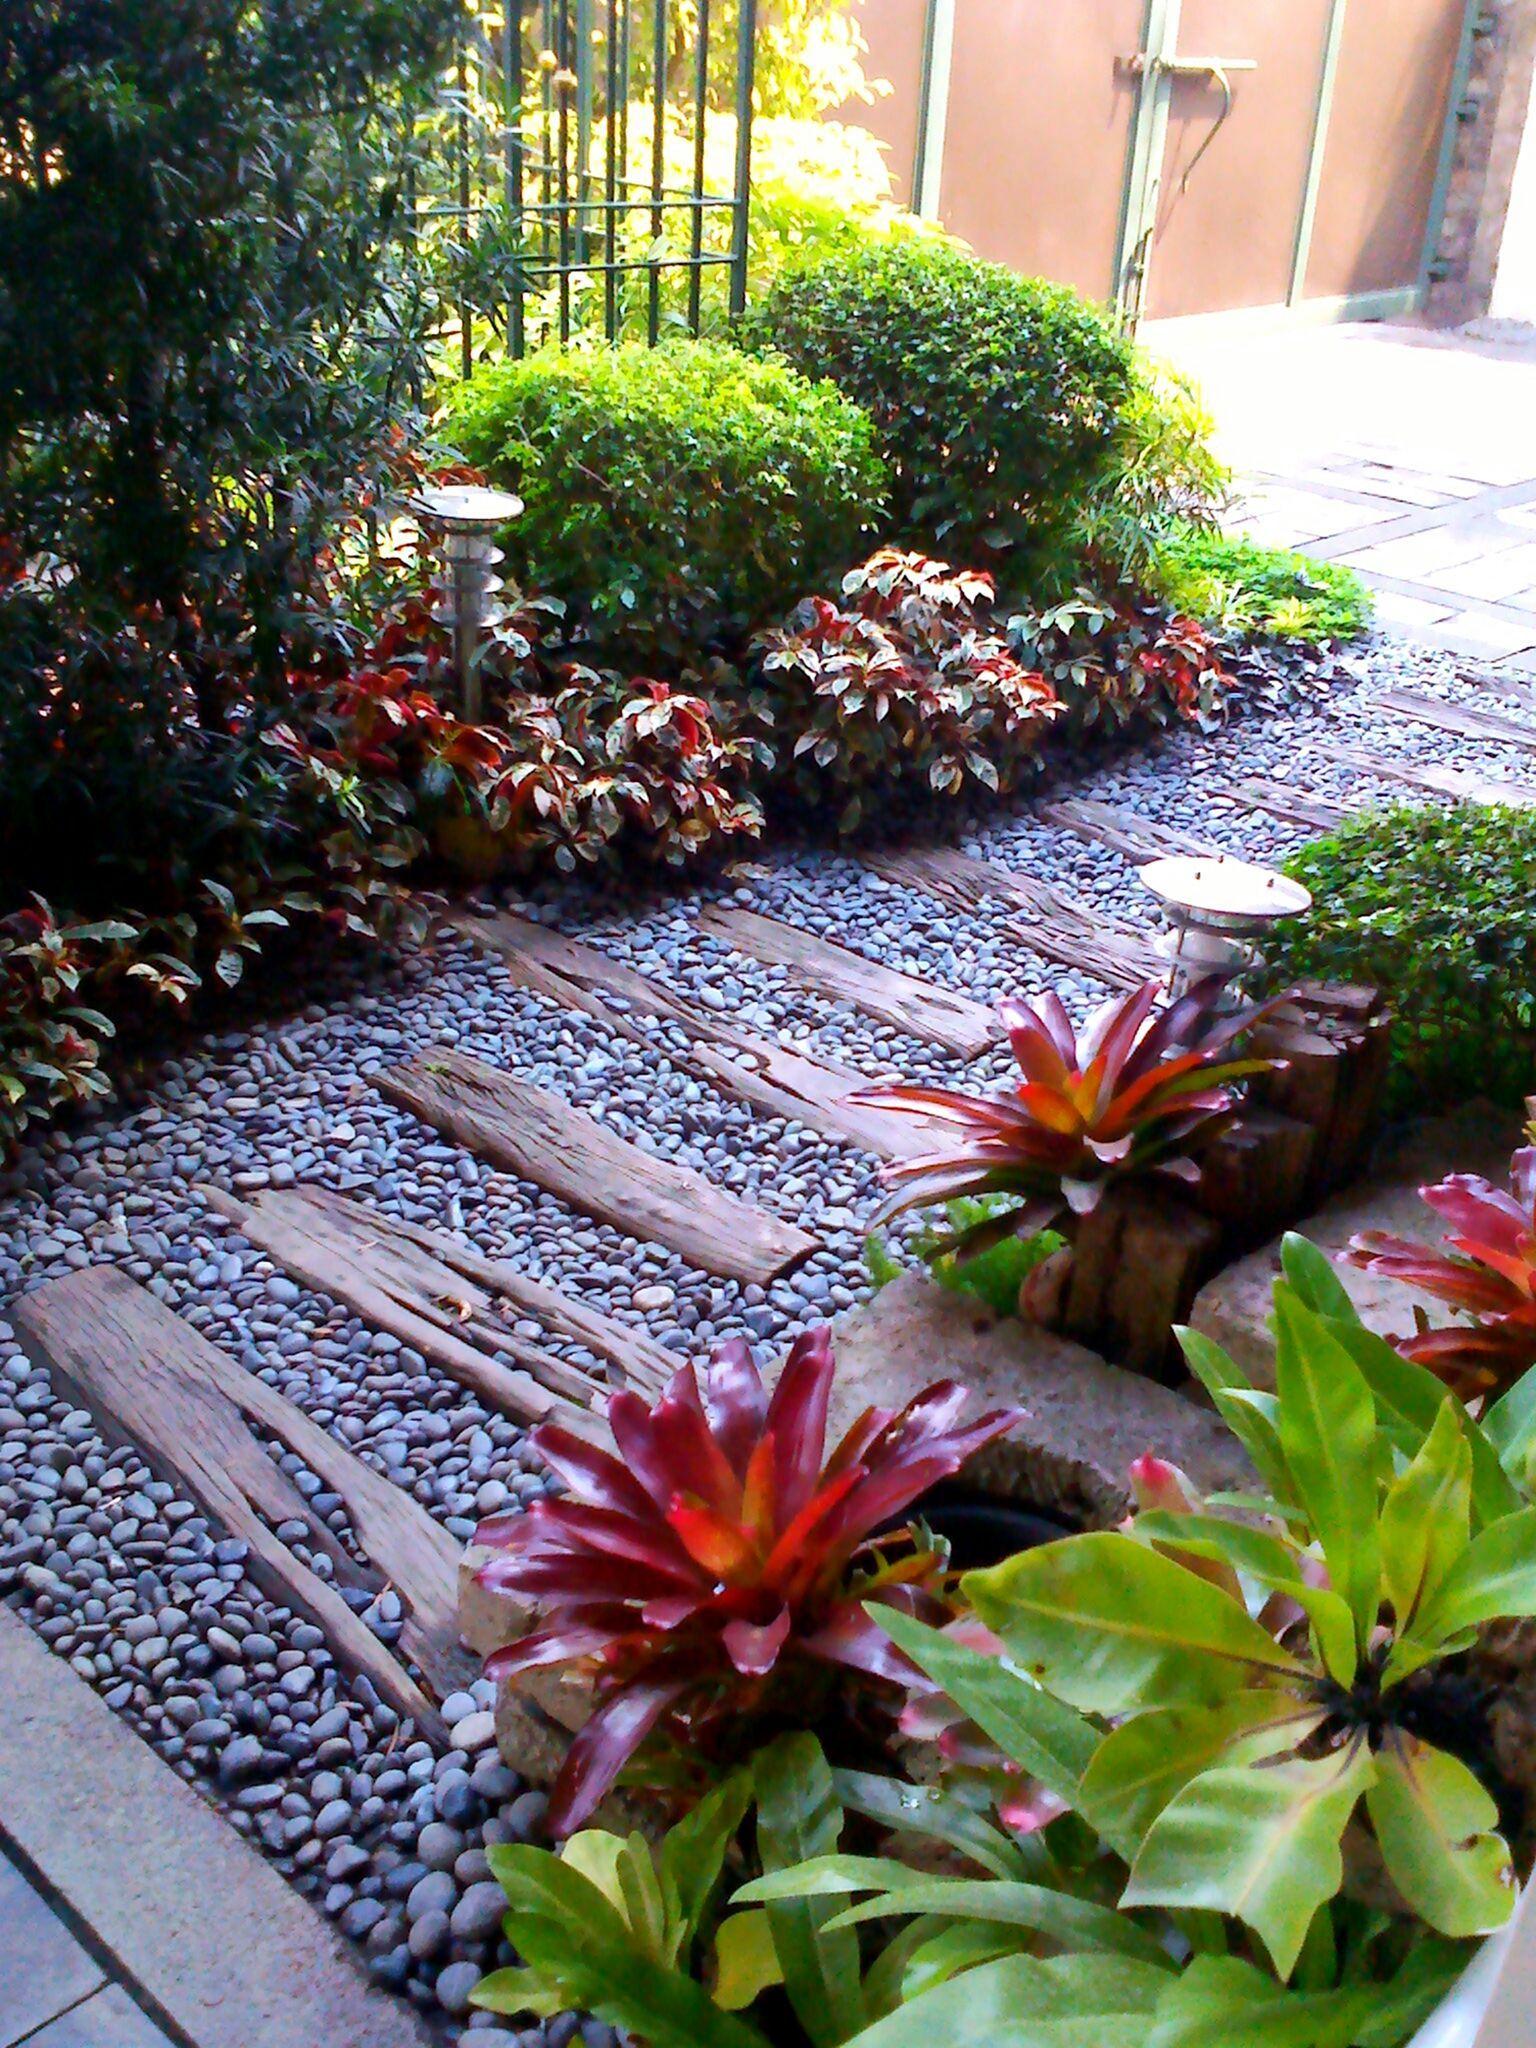 15 Fantastic Simple Garden Ideas For Your Home Yard Small Garden Landscape Design Small Garden Landscape Small Backyard Gardens